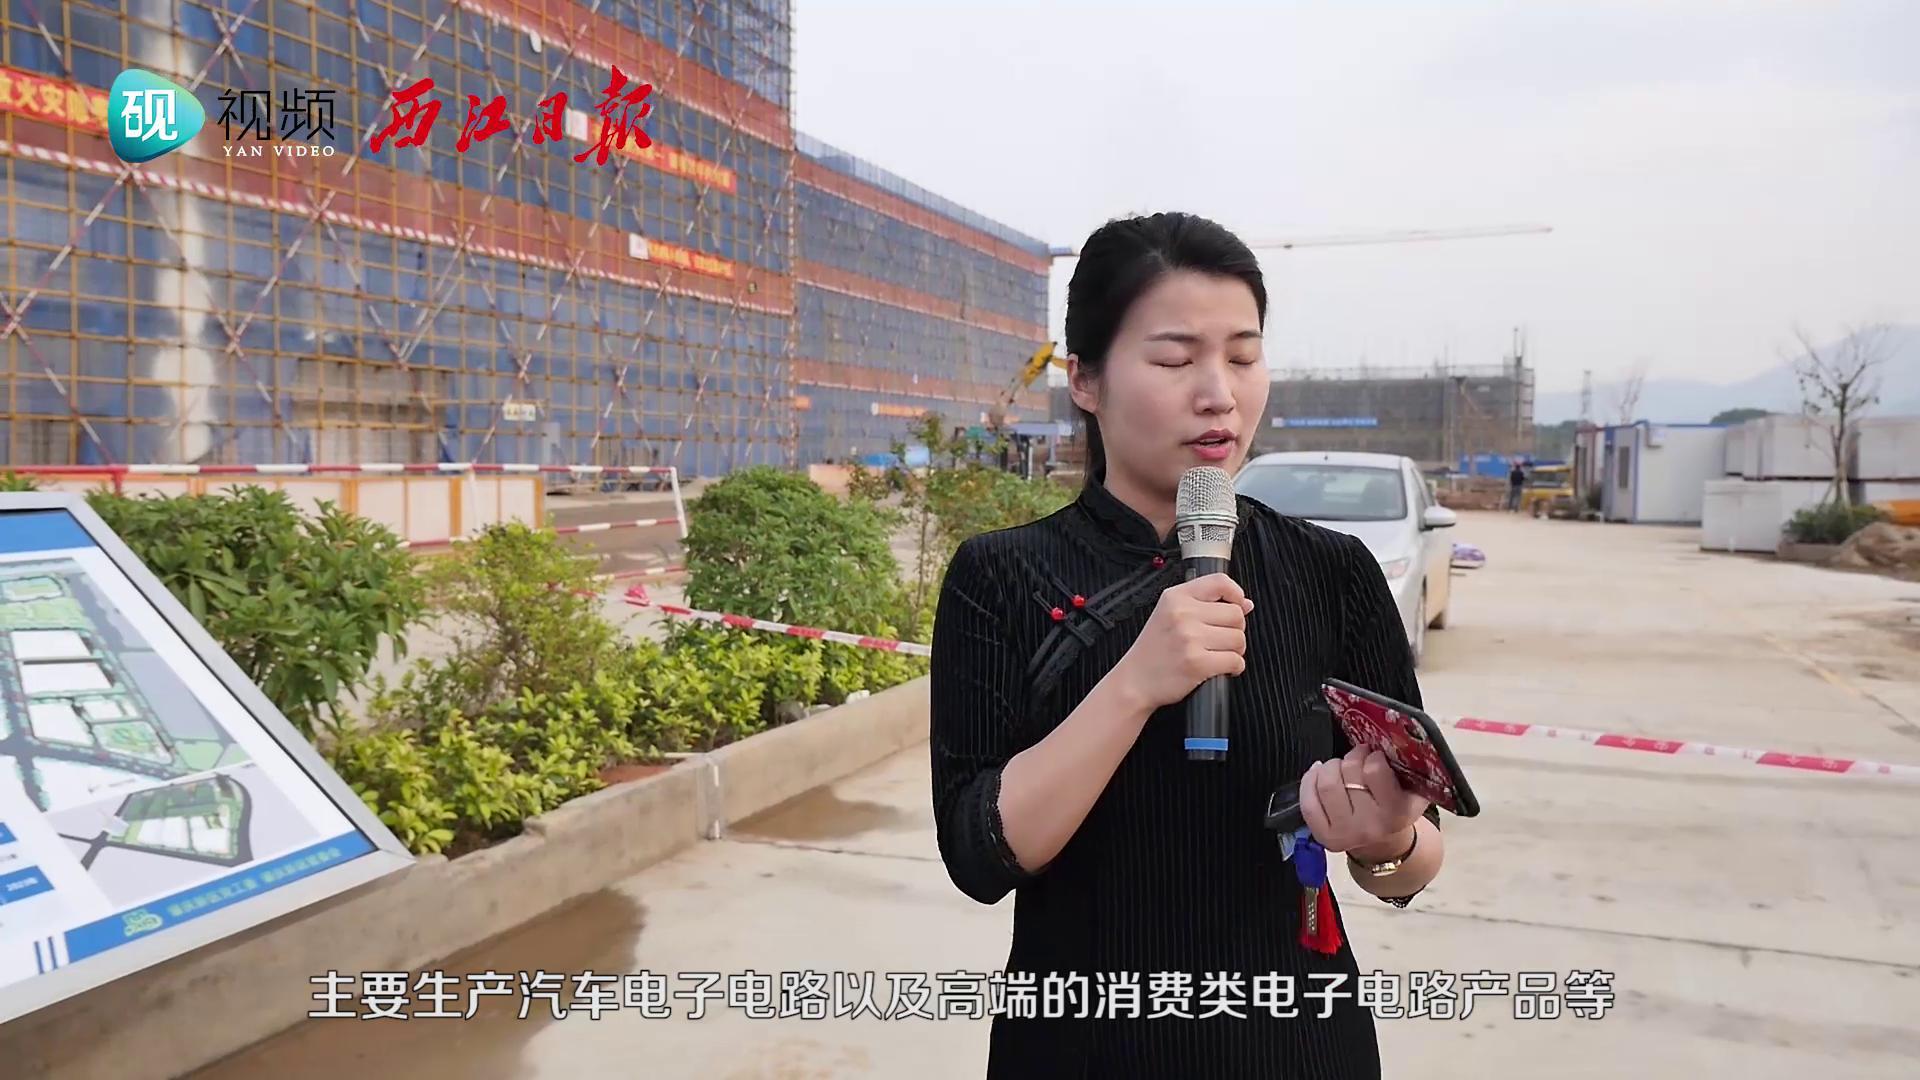 肇庆新区喜珍6月投产 今年预产值超10亿元